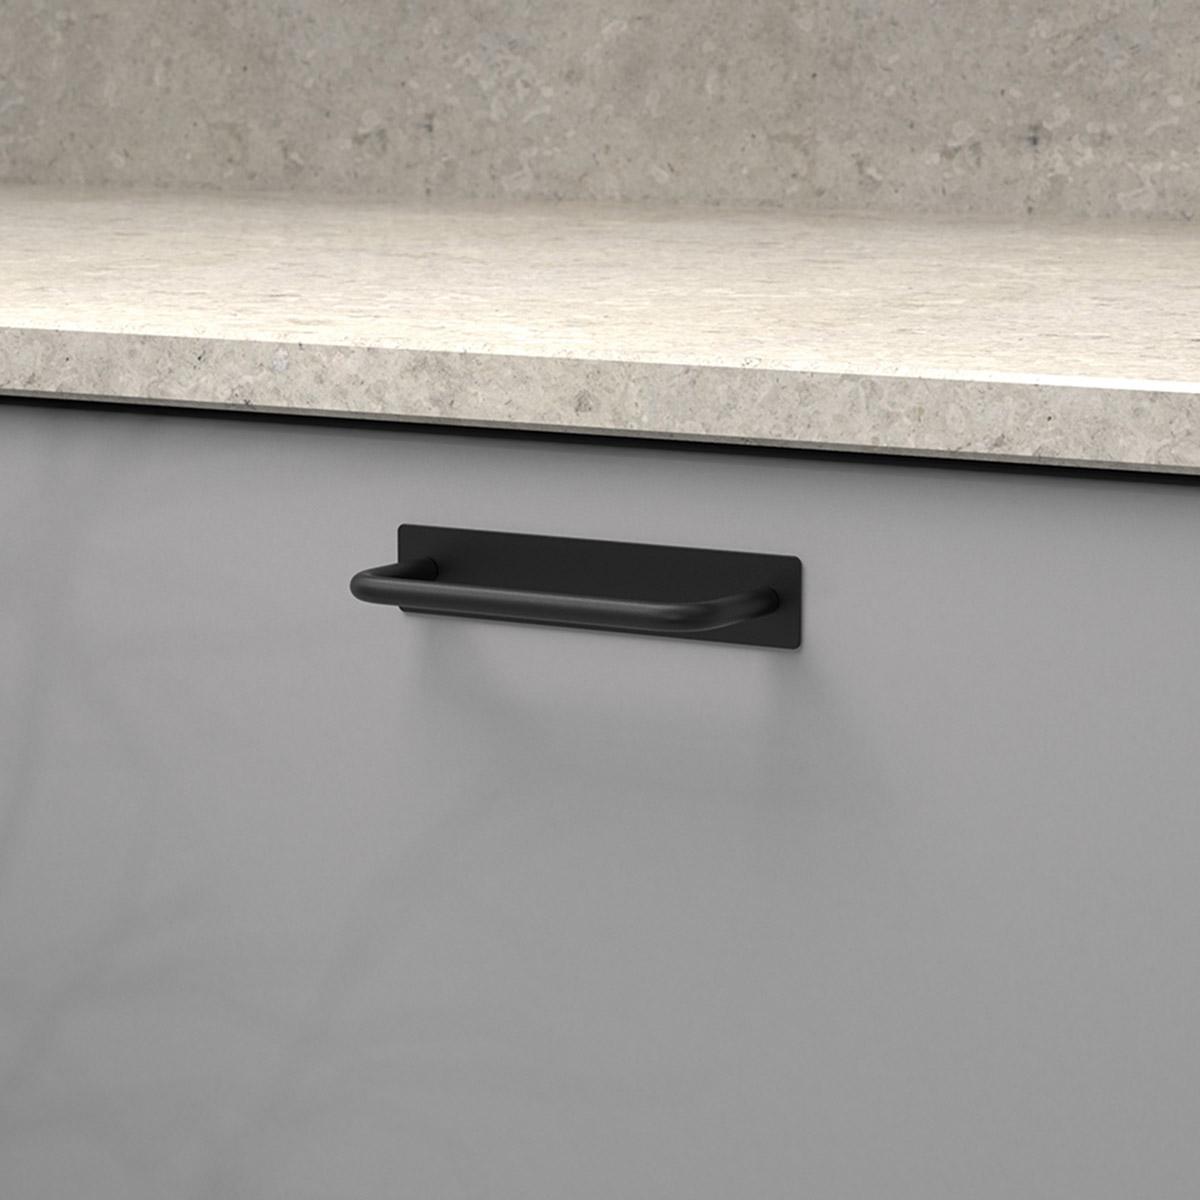 Handtag royal matt svart 336212 11 cc 96 mm ncs s 4500 n kalksten